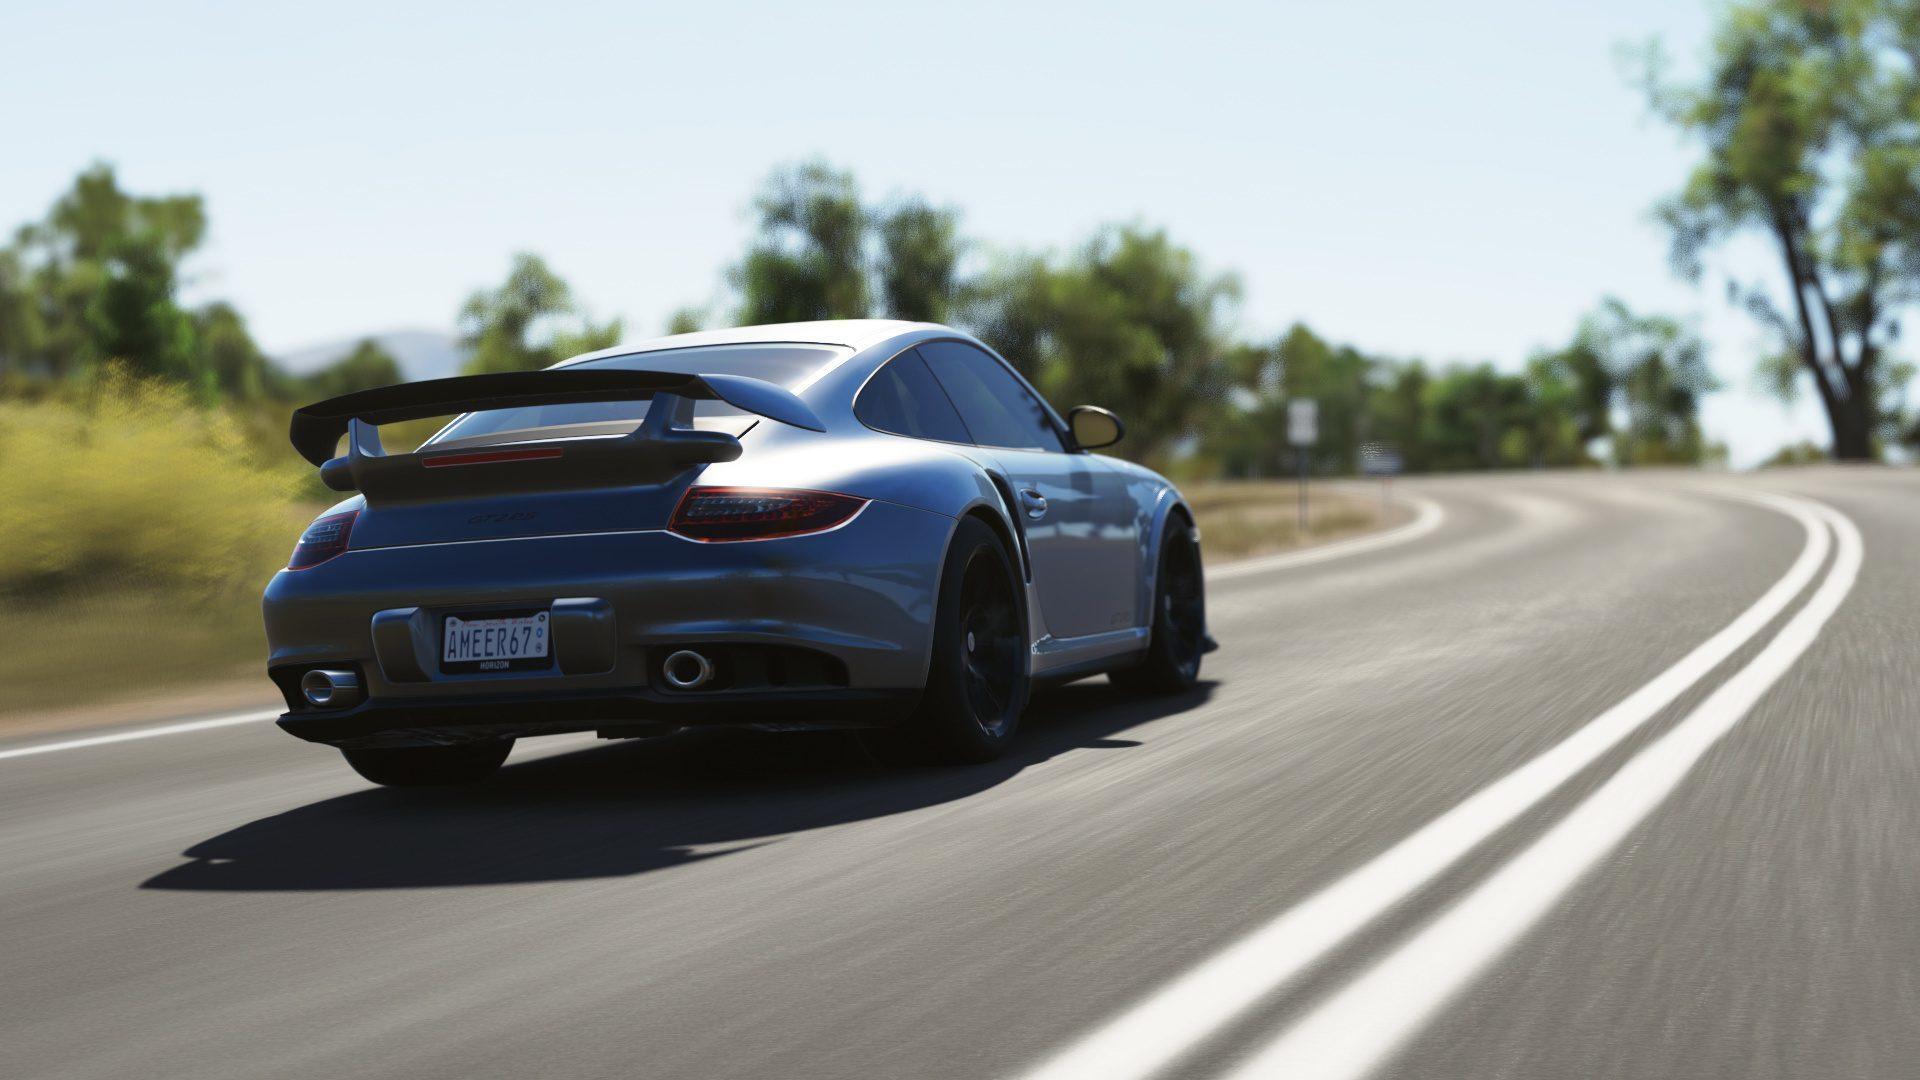 FH3-Porsche-911-GT2-RS Remarkable Porsche 911 Gt2 Xbox 360 Cars Trend